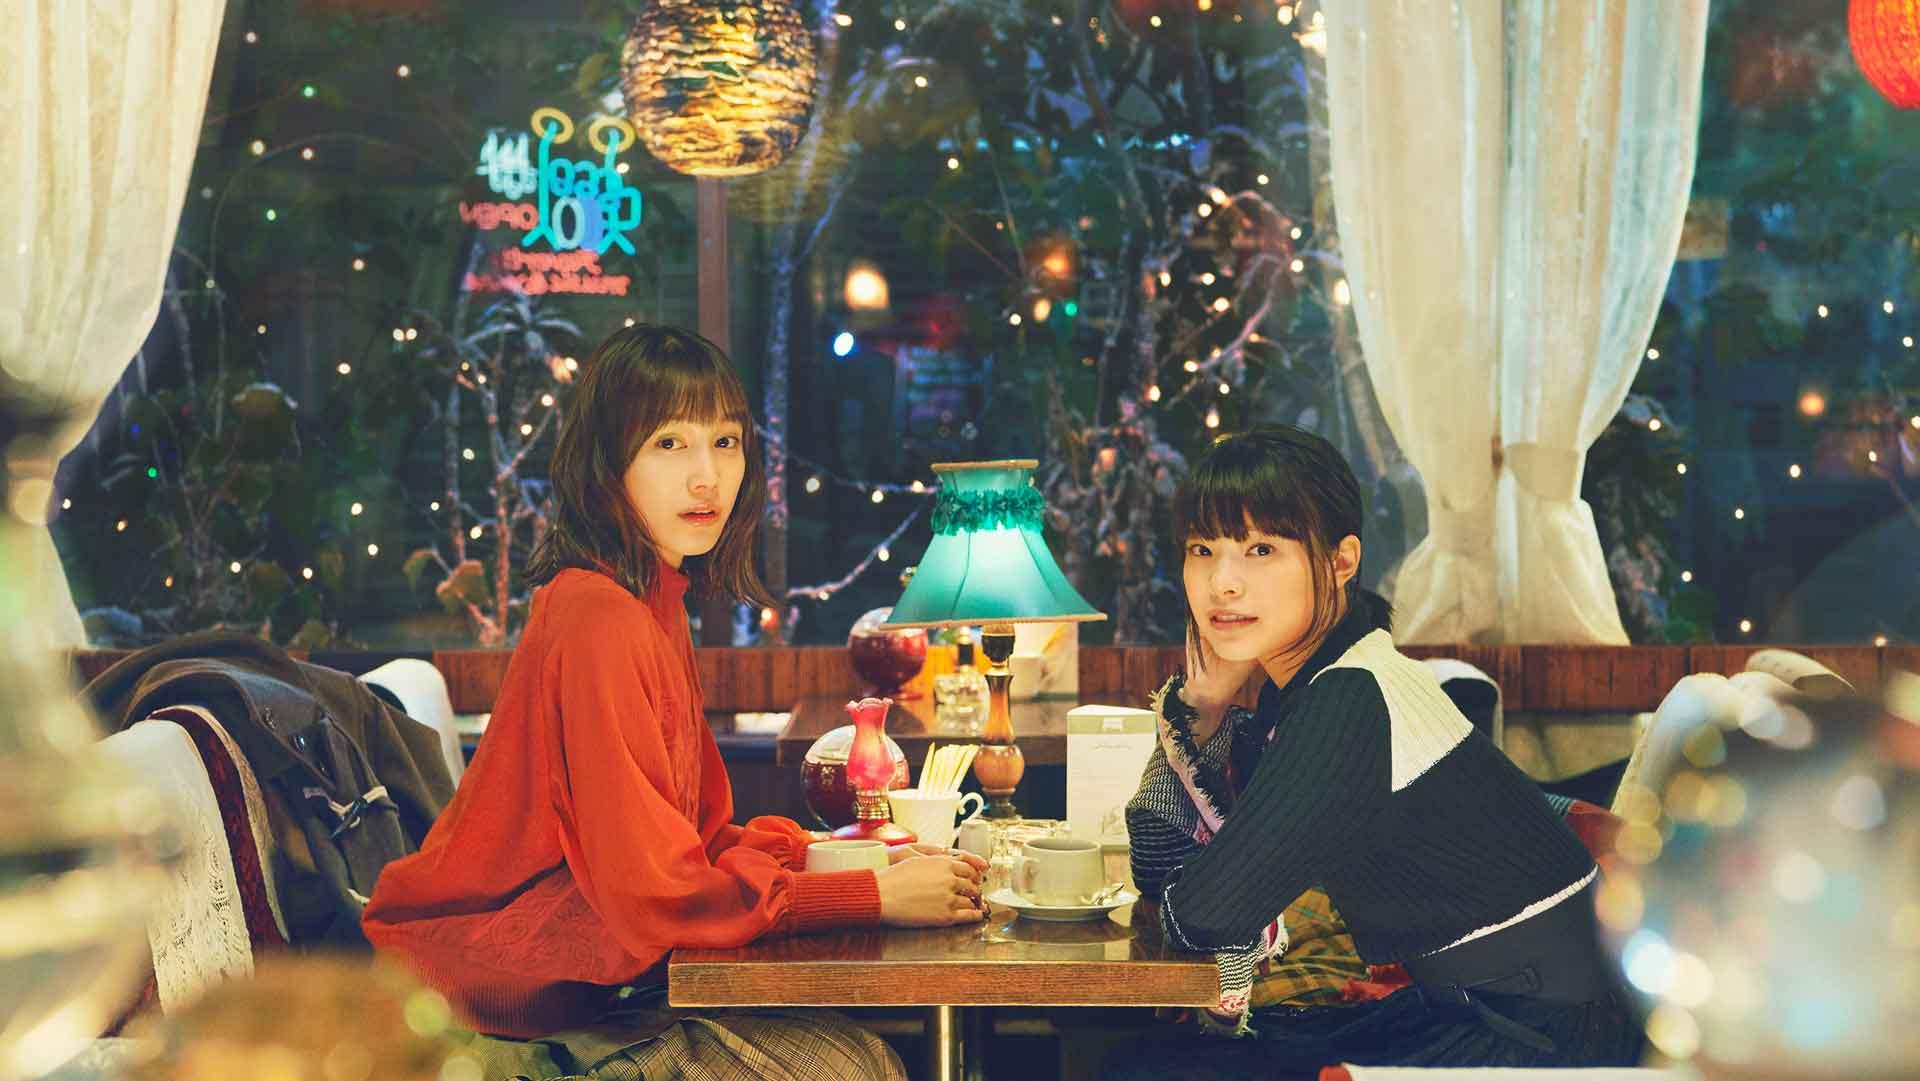 LUMINE CHRISTMAS 2018 オリジナルドラマ「MATCH girls」